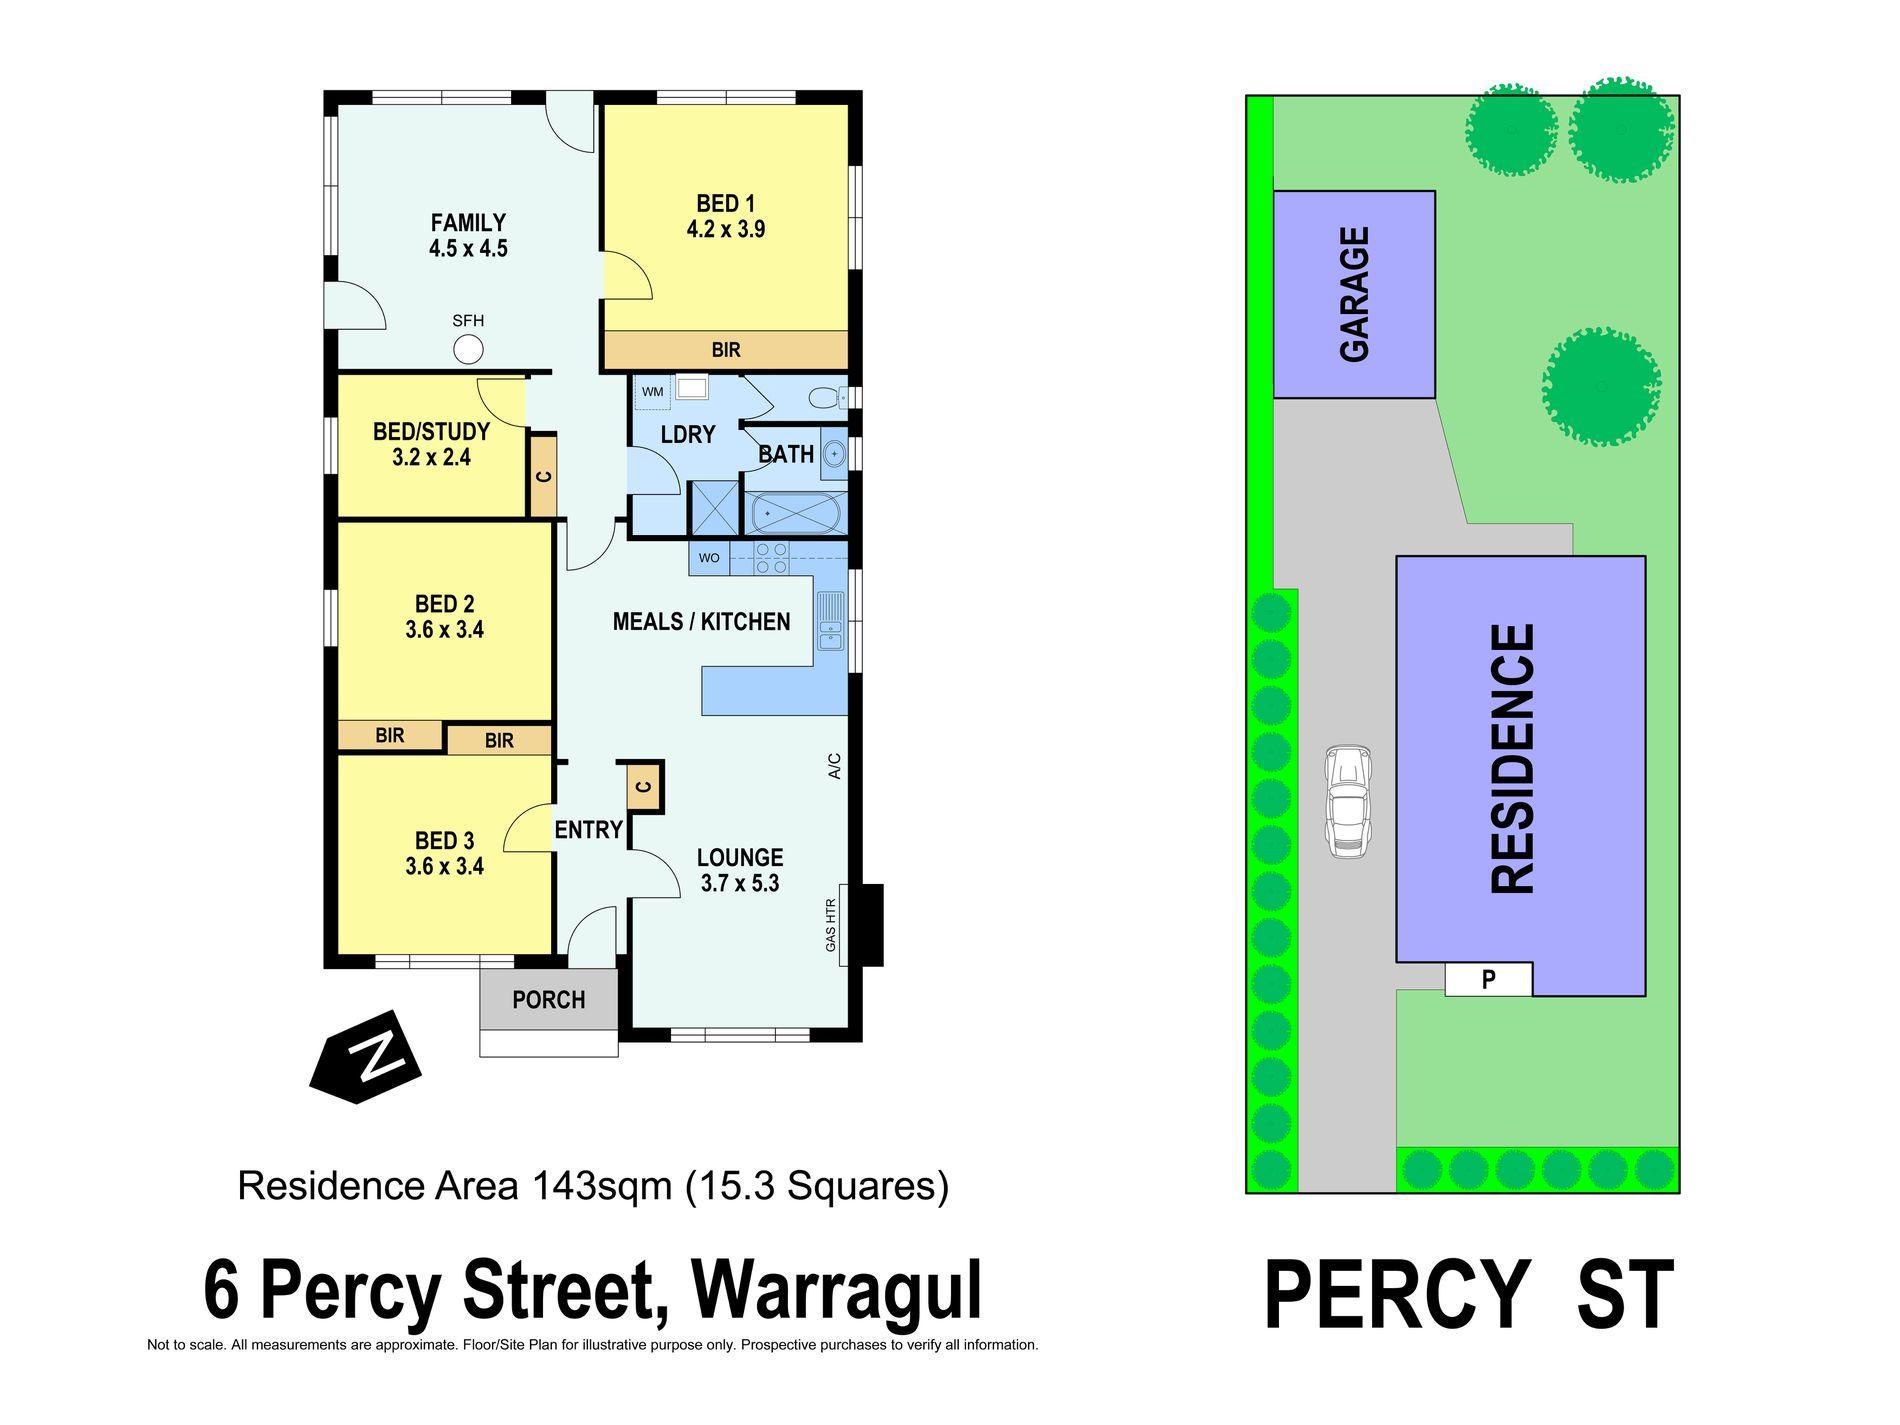 6 Percy Street, Warragul